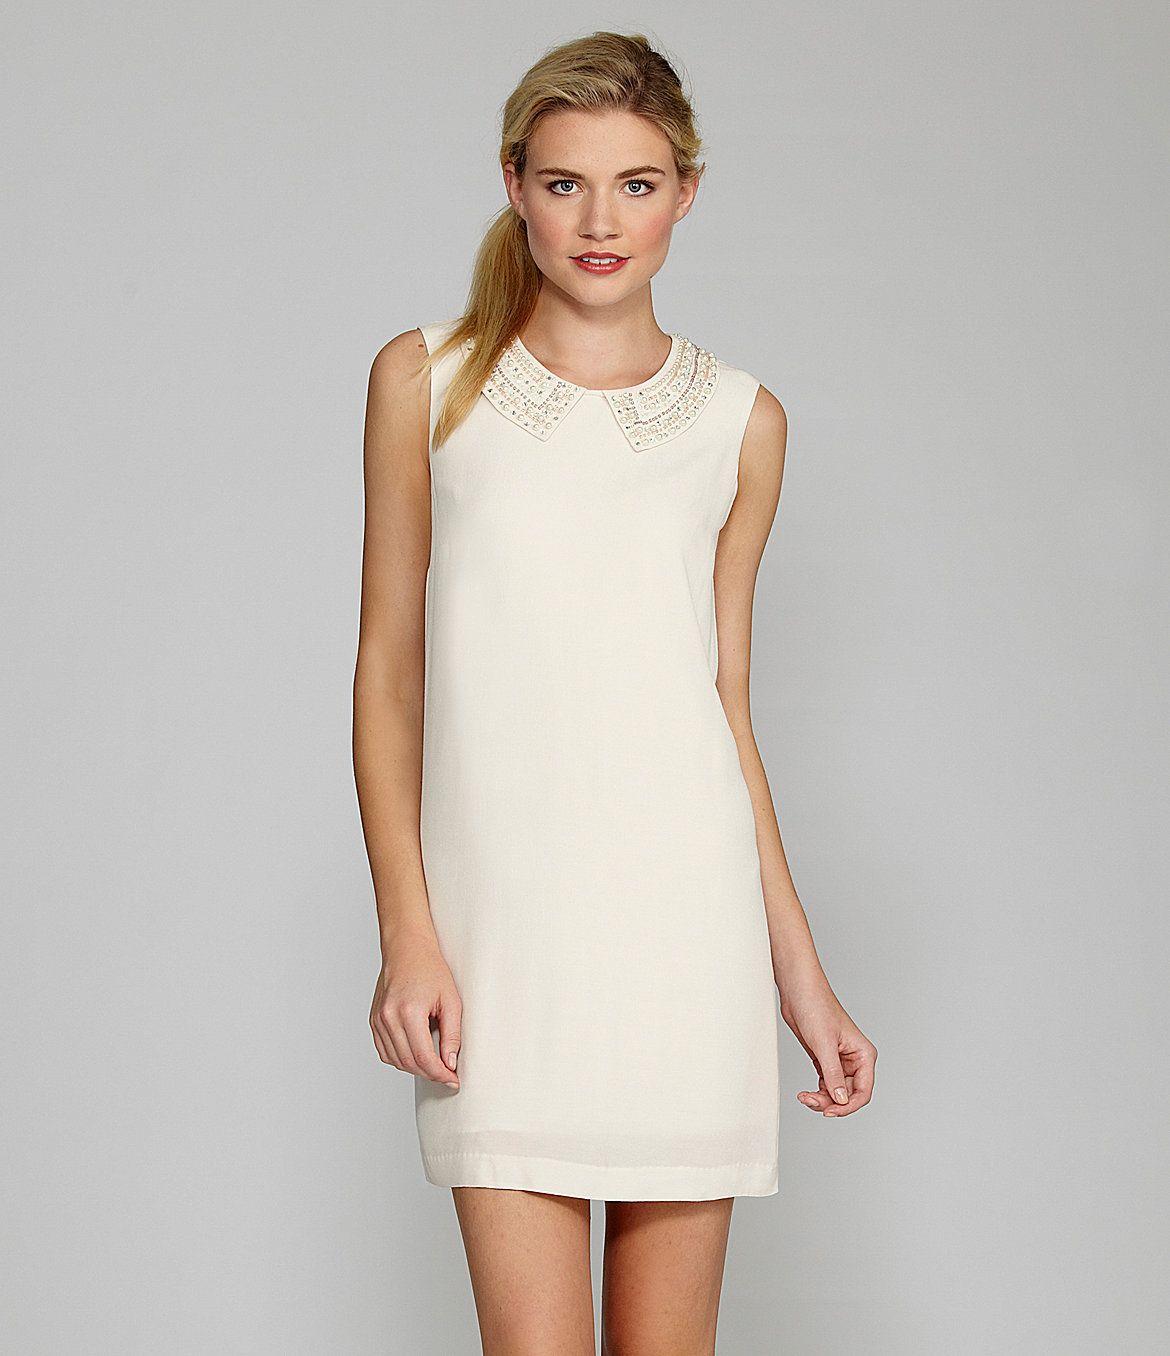 My new dress! Love it <3